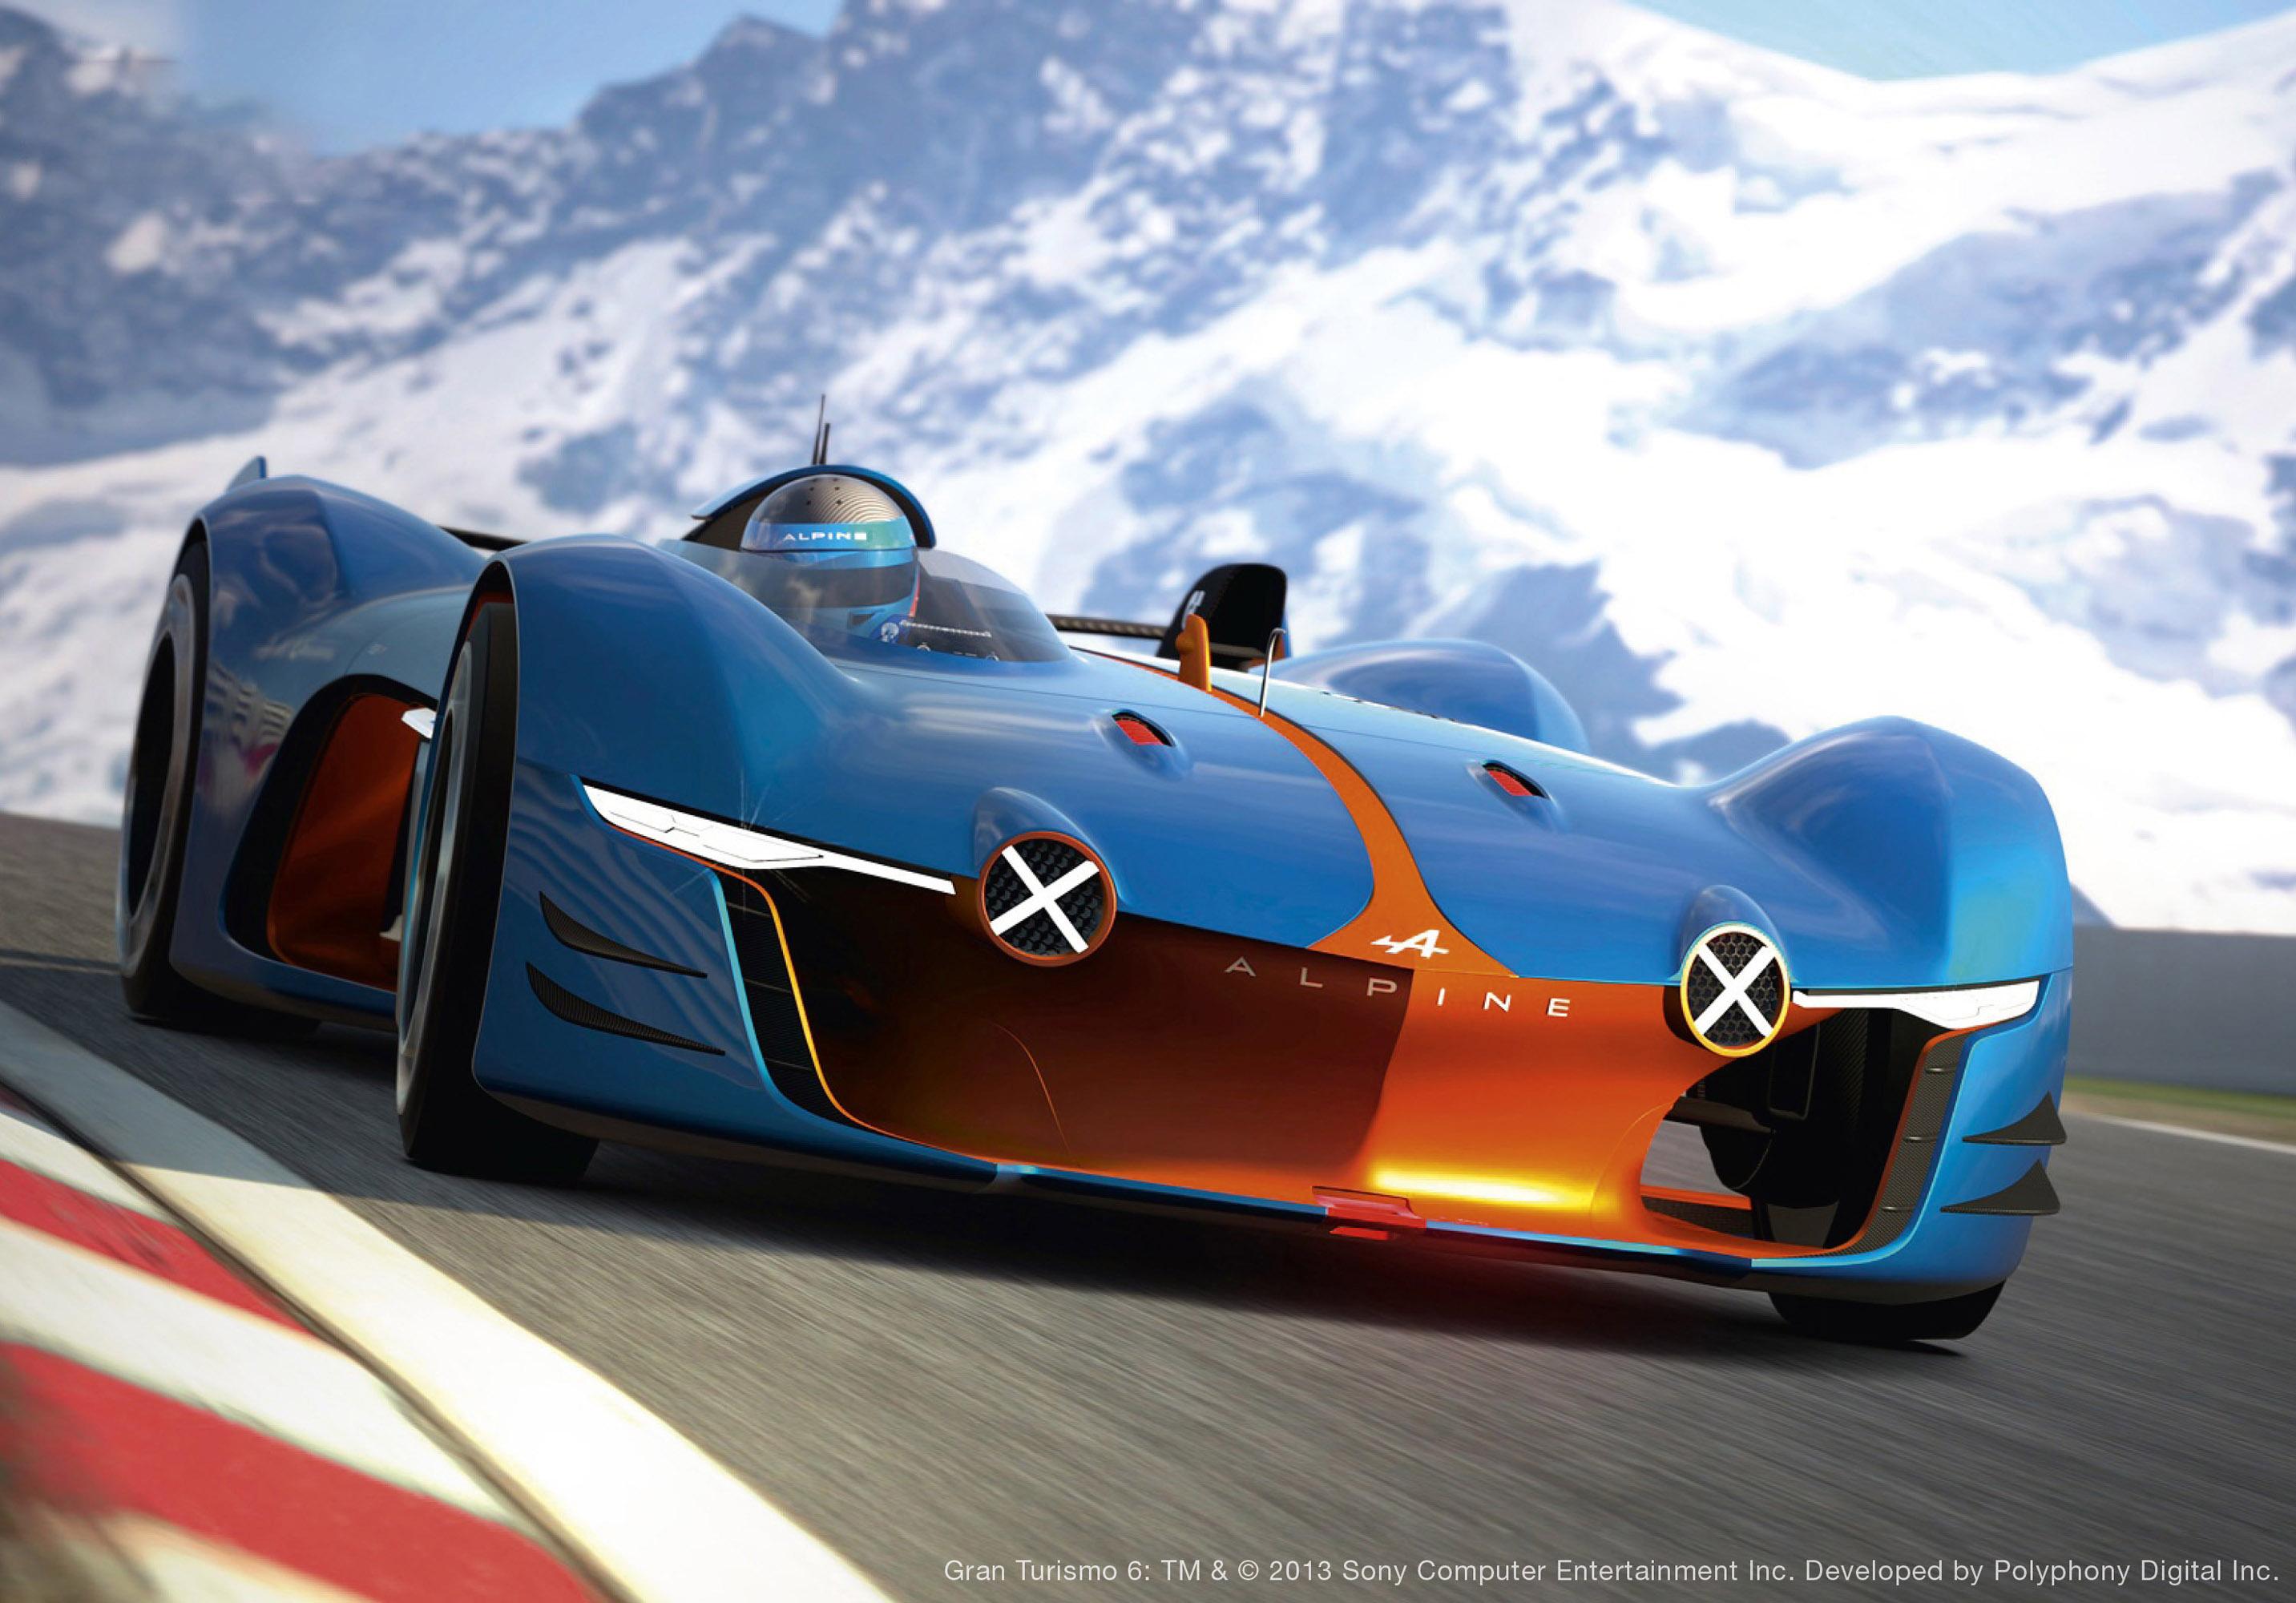 Renault Alpine Vision Gran Turismo Concept photo #2